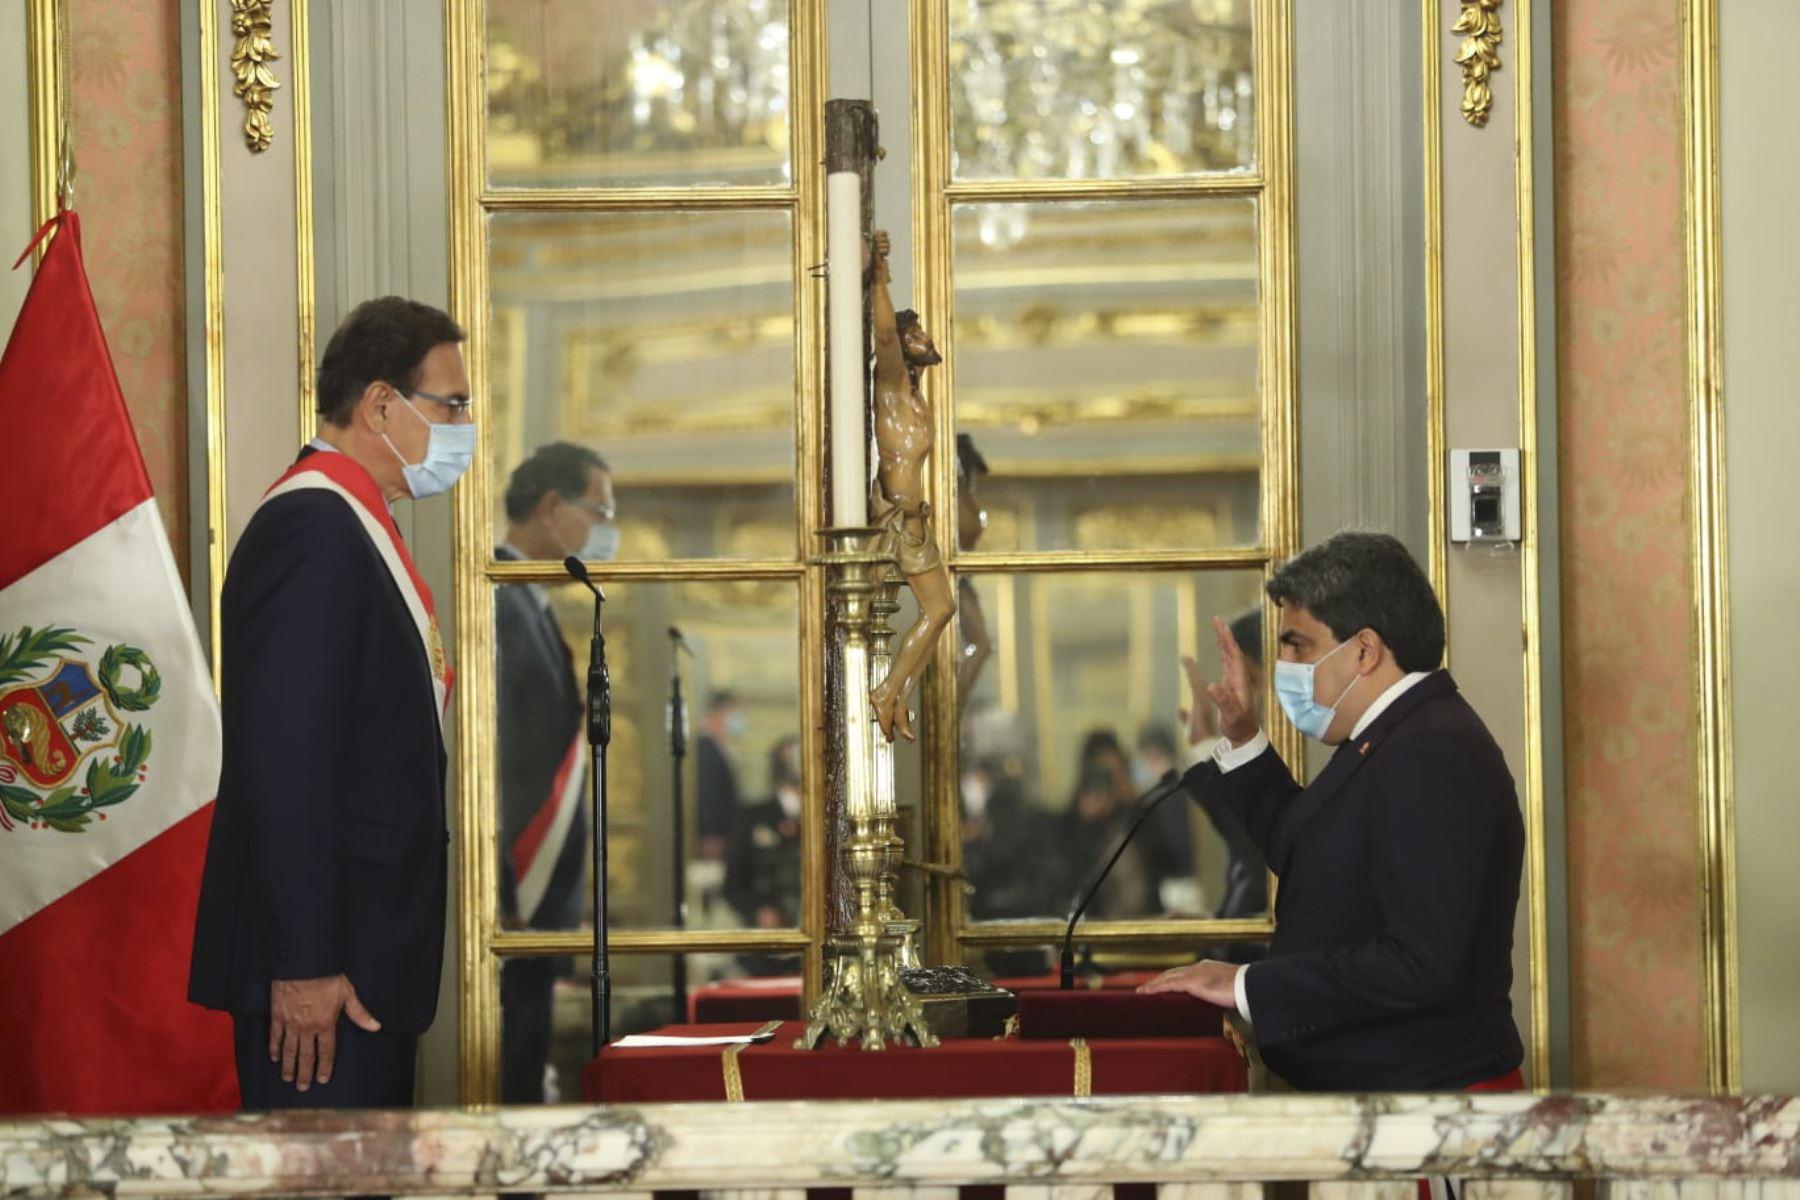 Presidente Martín Vizcarra toma juramento a Martín Benavides como ministro de Educación.Foto: ANDINA/Prensa Presidencia